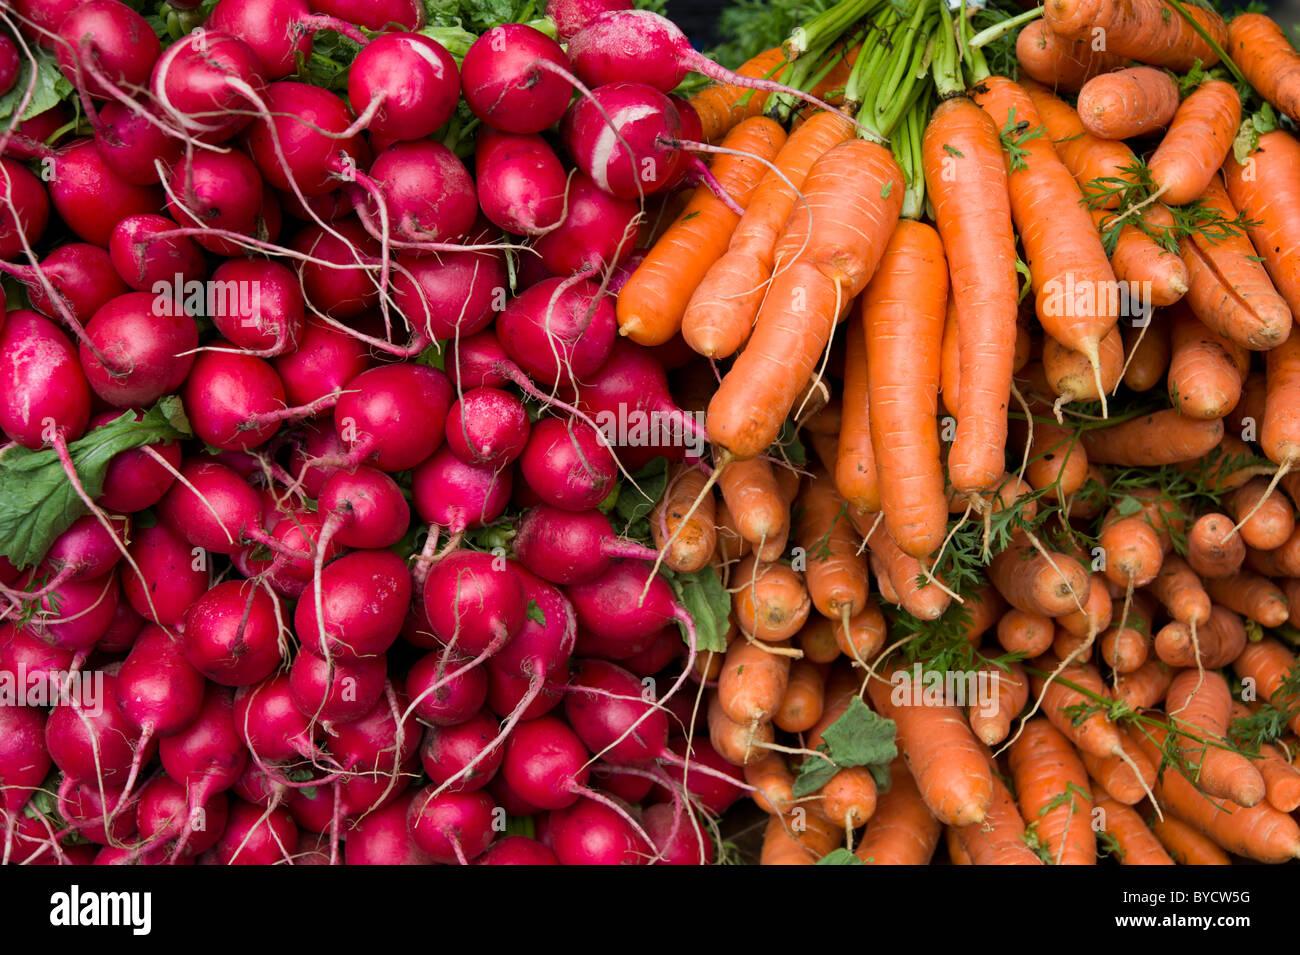 Radieschen und Möhren auf Gemüse Marktstand Stockbild